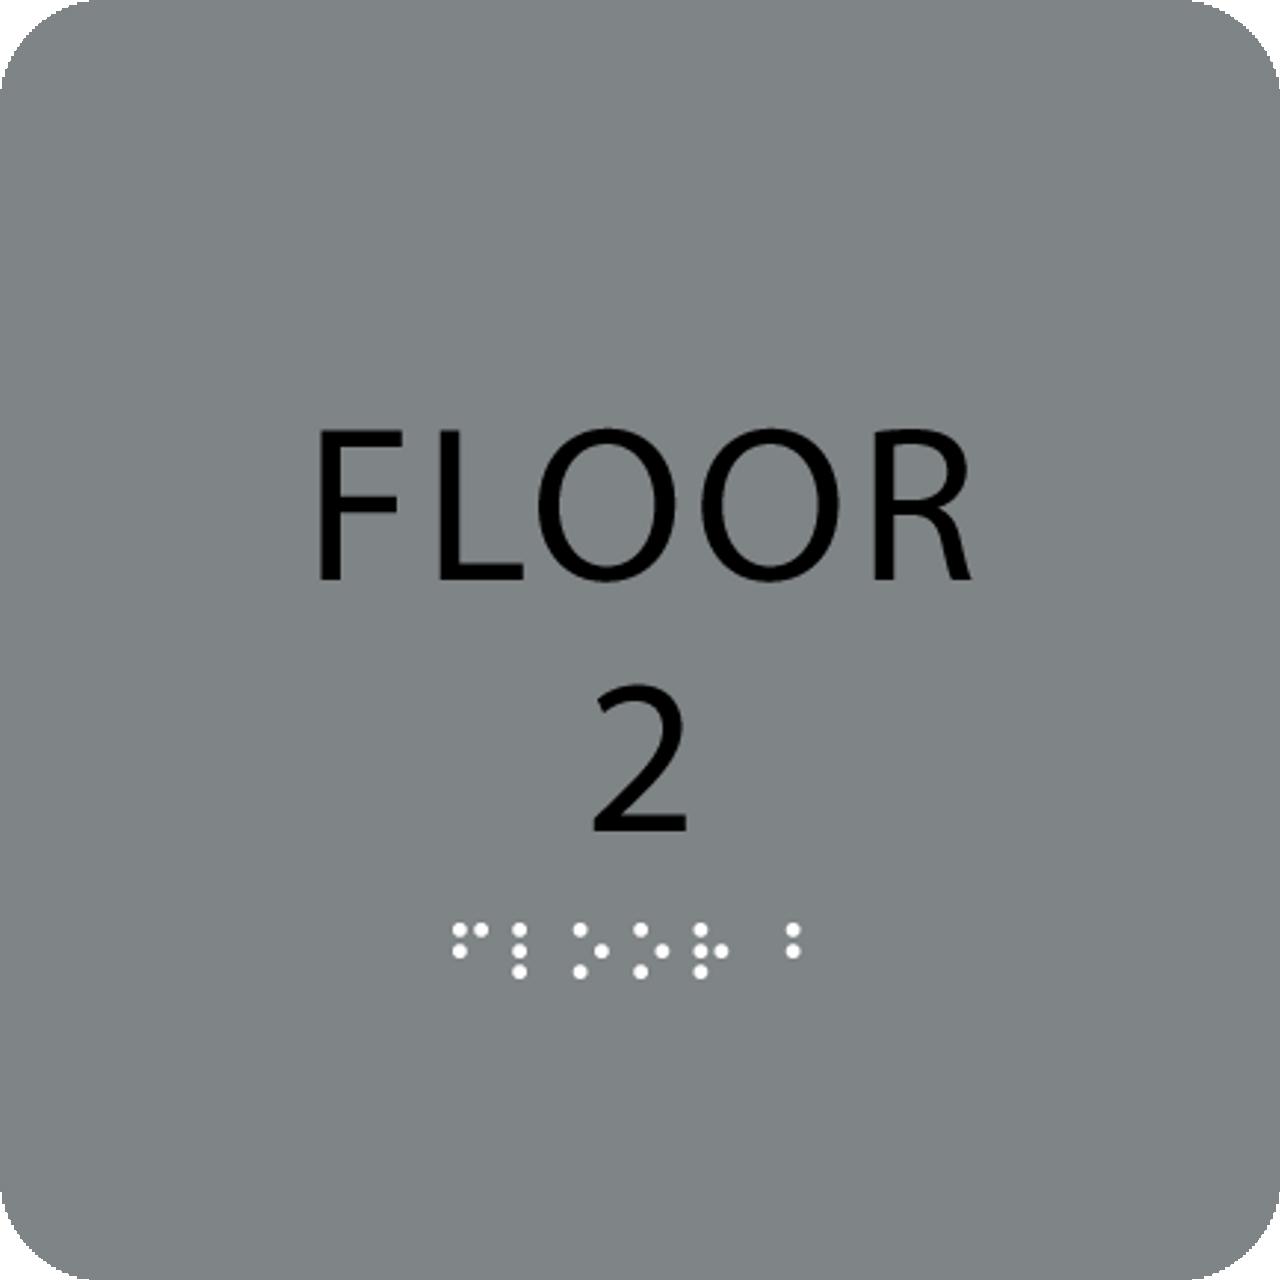 Grey Floor 2 Number Sign